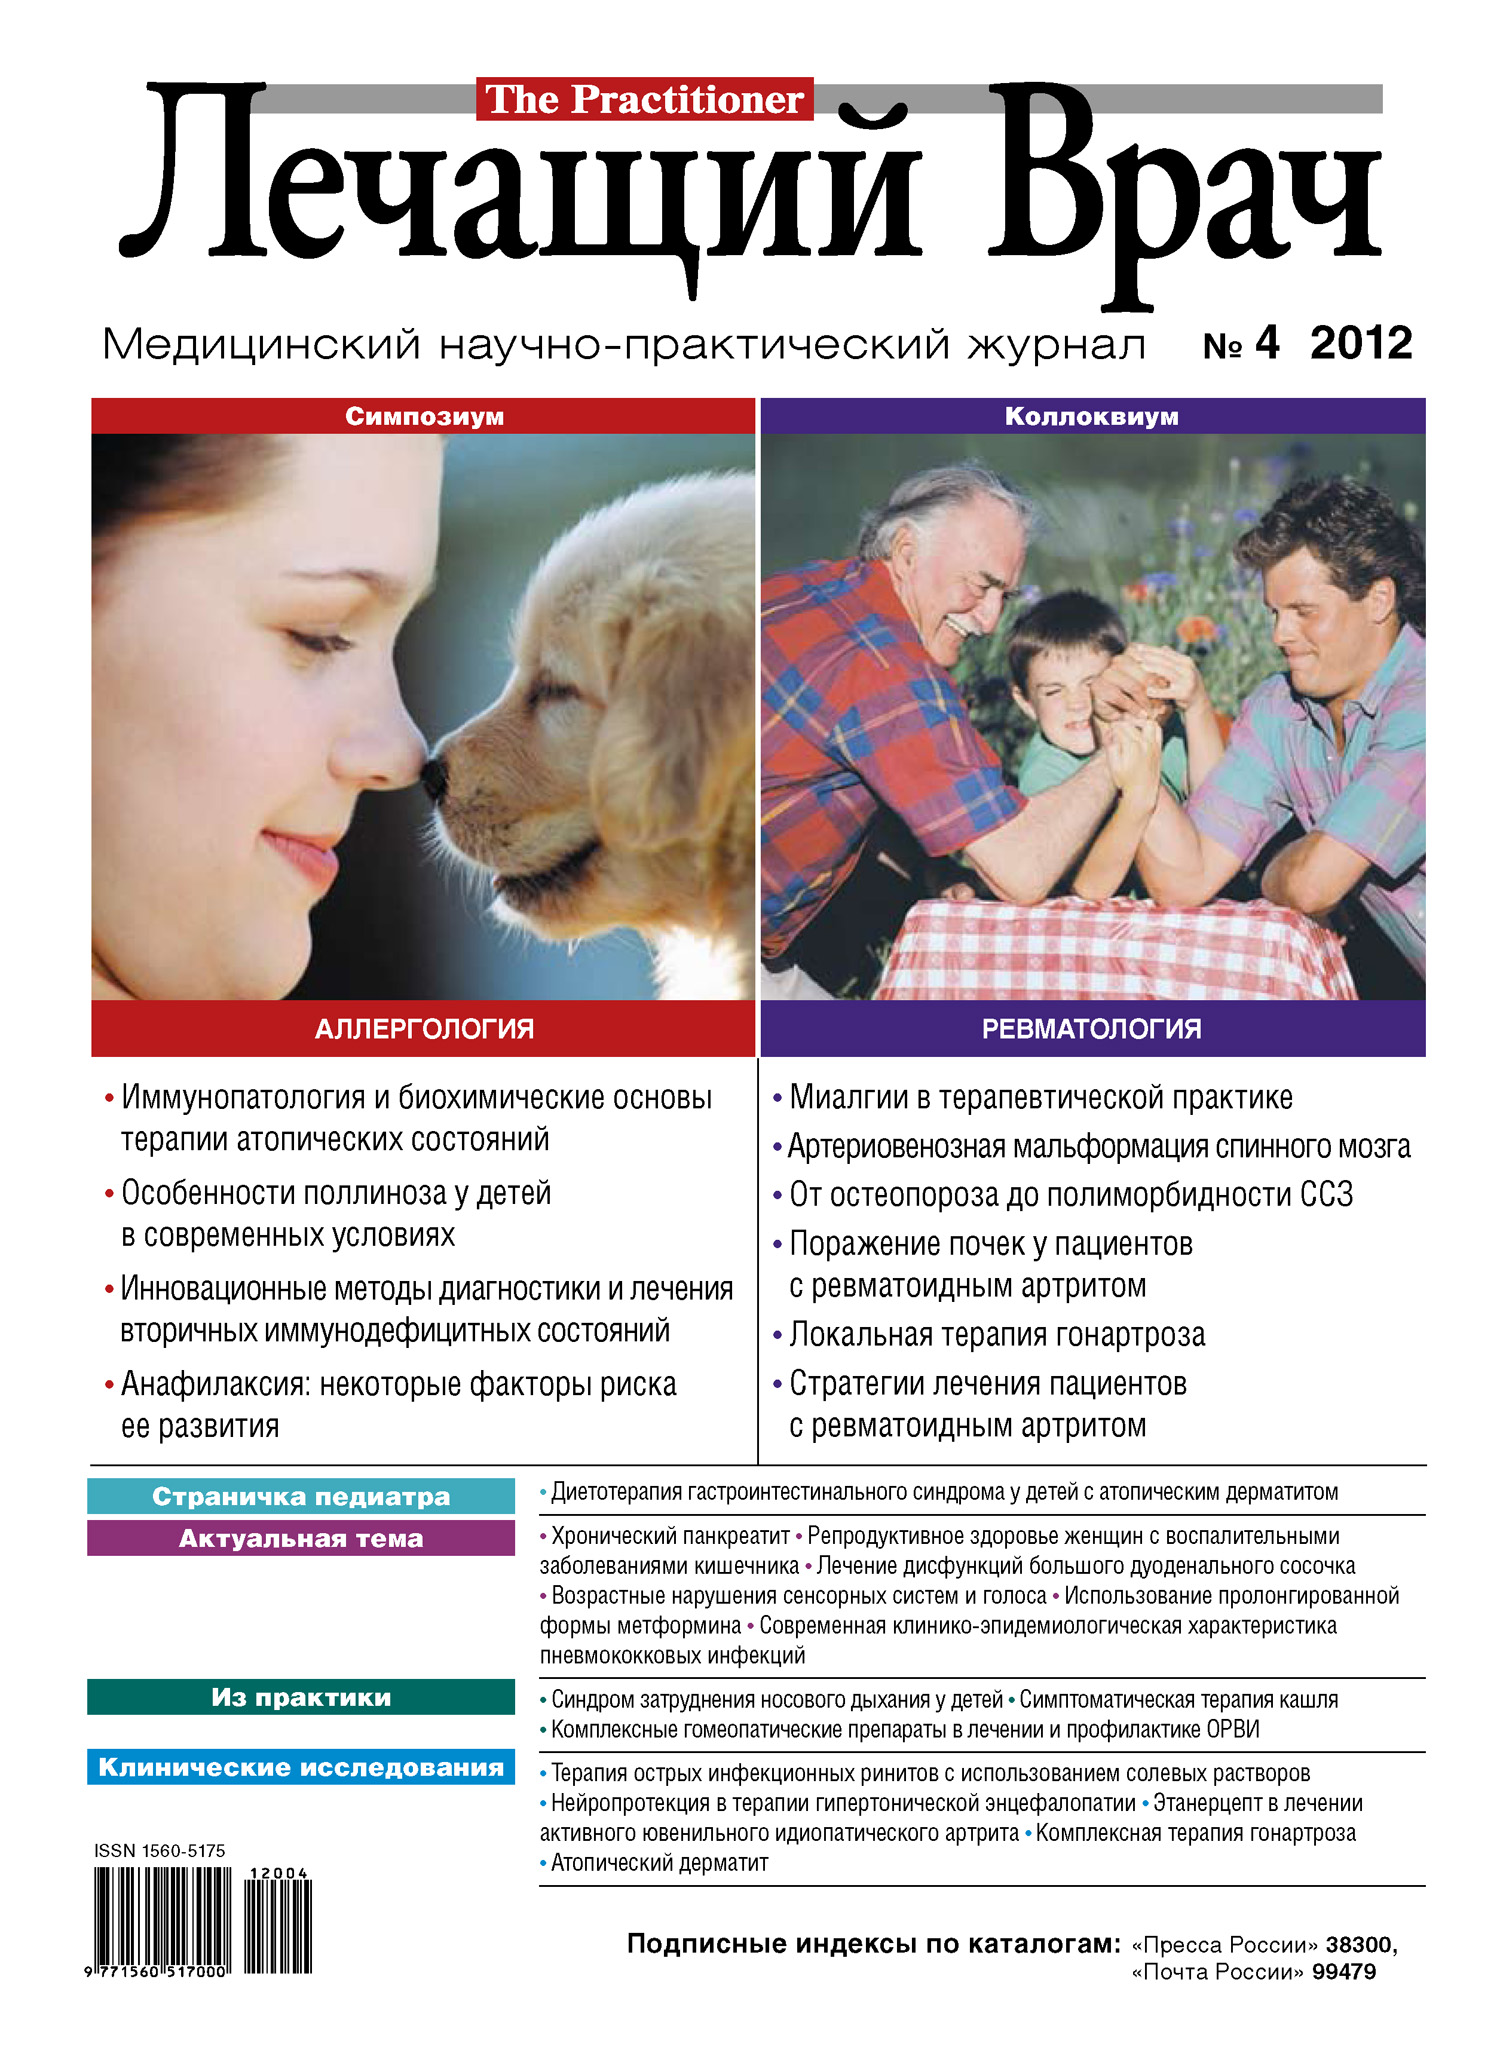 Открытые системы Журнал «Лечащий Врач» №04/2012